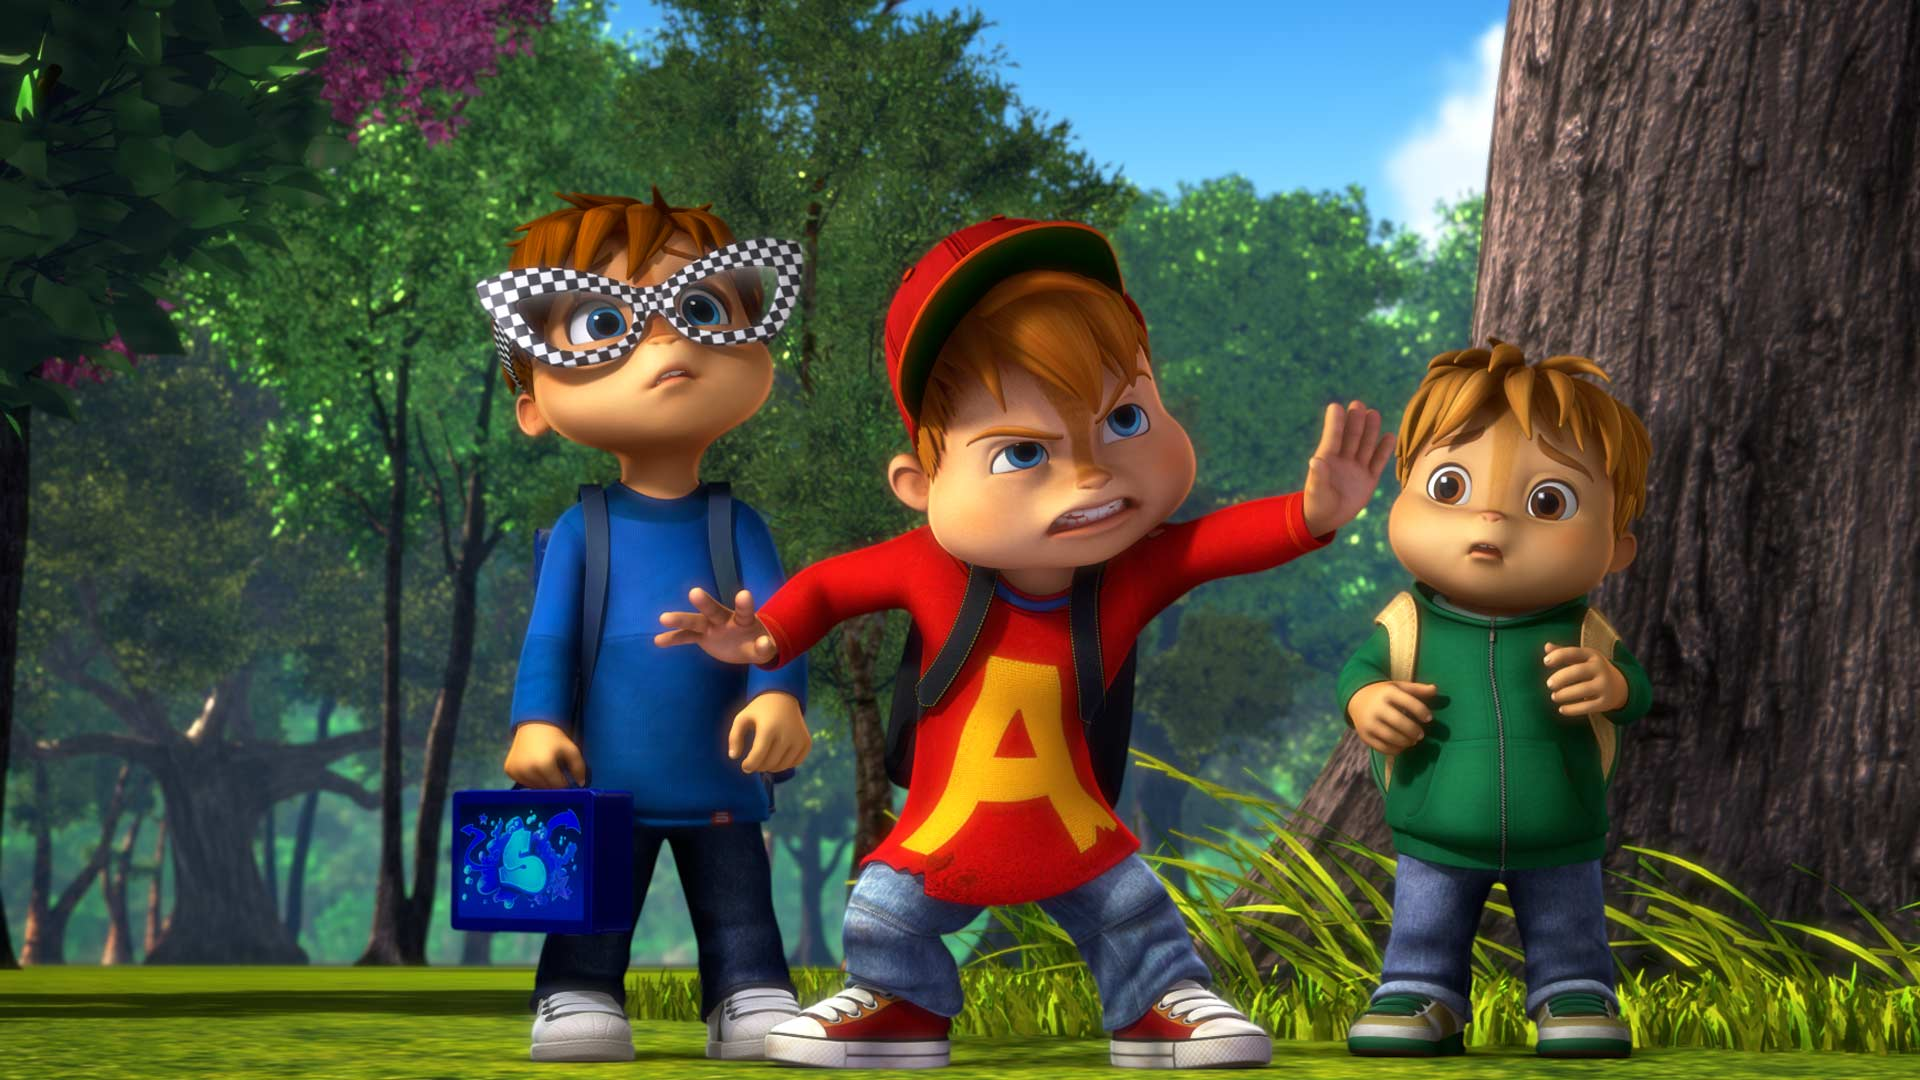 Alvin And The Chipmunks 3 Images alvinnn !!! agus na chipmunks | shows | cúla4 | tg4 | súil eile